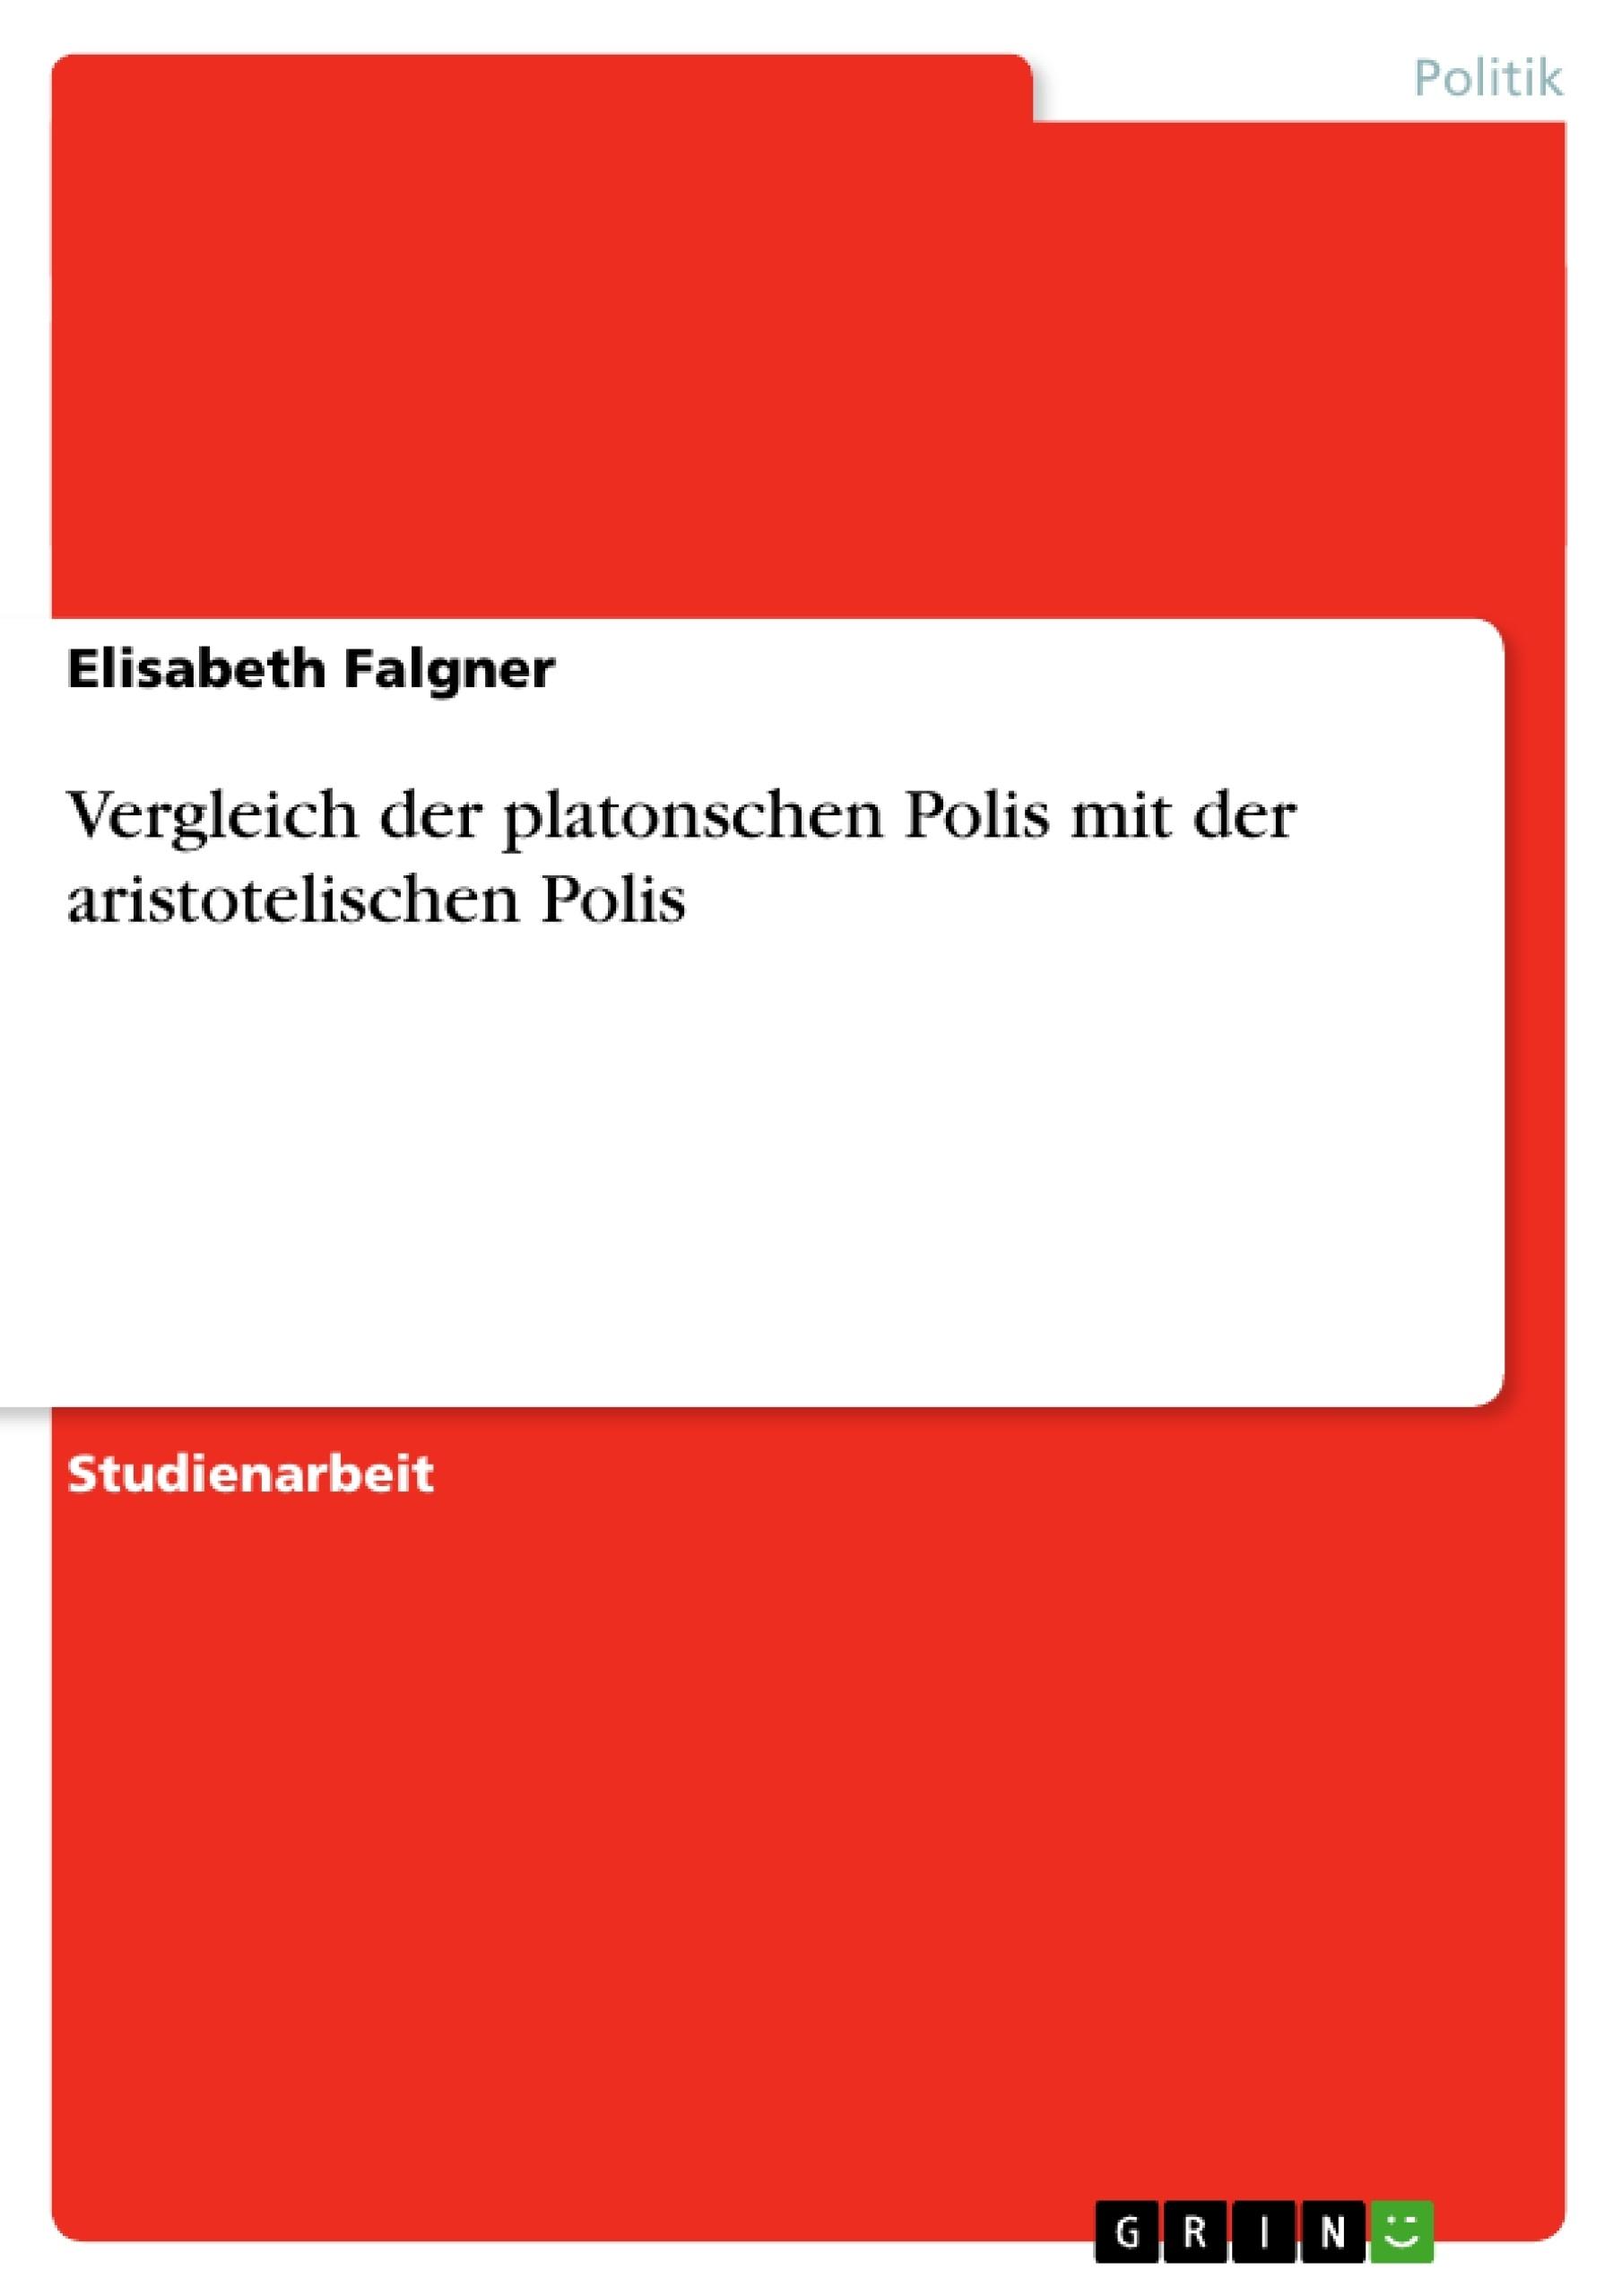 Titel: Vergleich der platonschen Polis mit der aristotelischen Polis